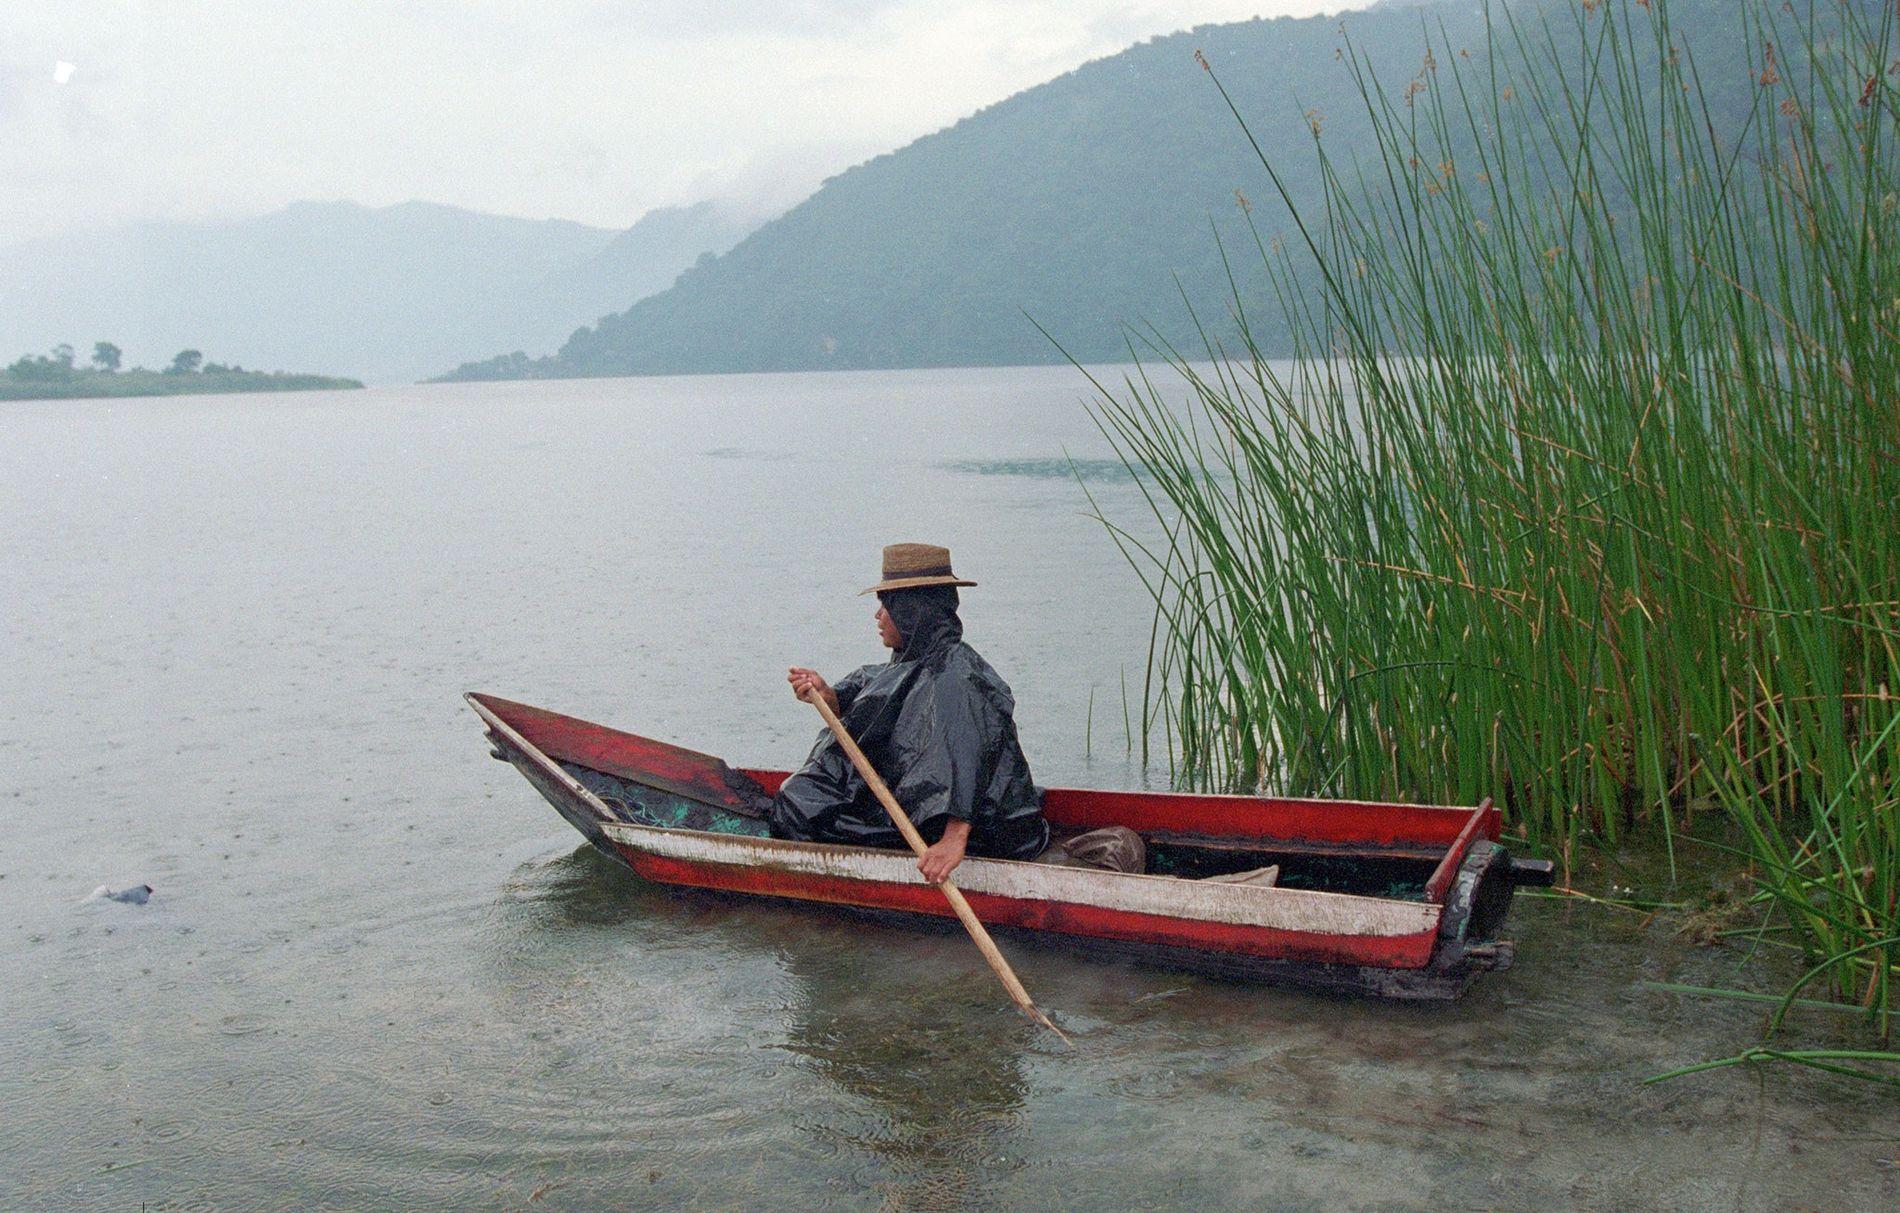 El lago Atitlán es una atracción turística popular y un recurso importante para quienes viven a ...